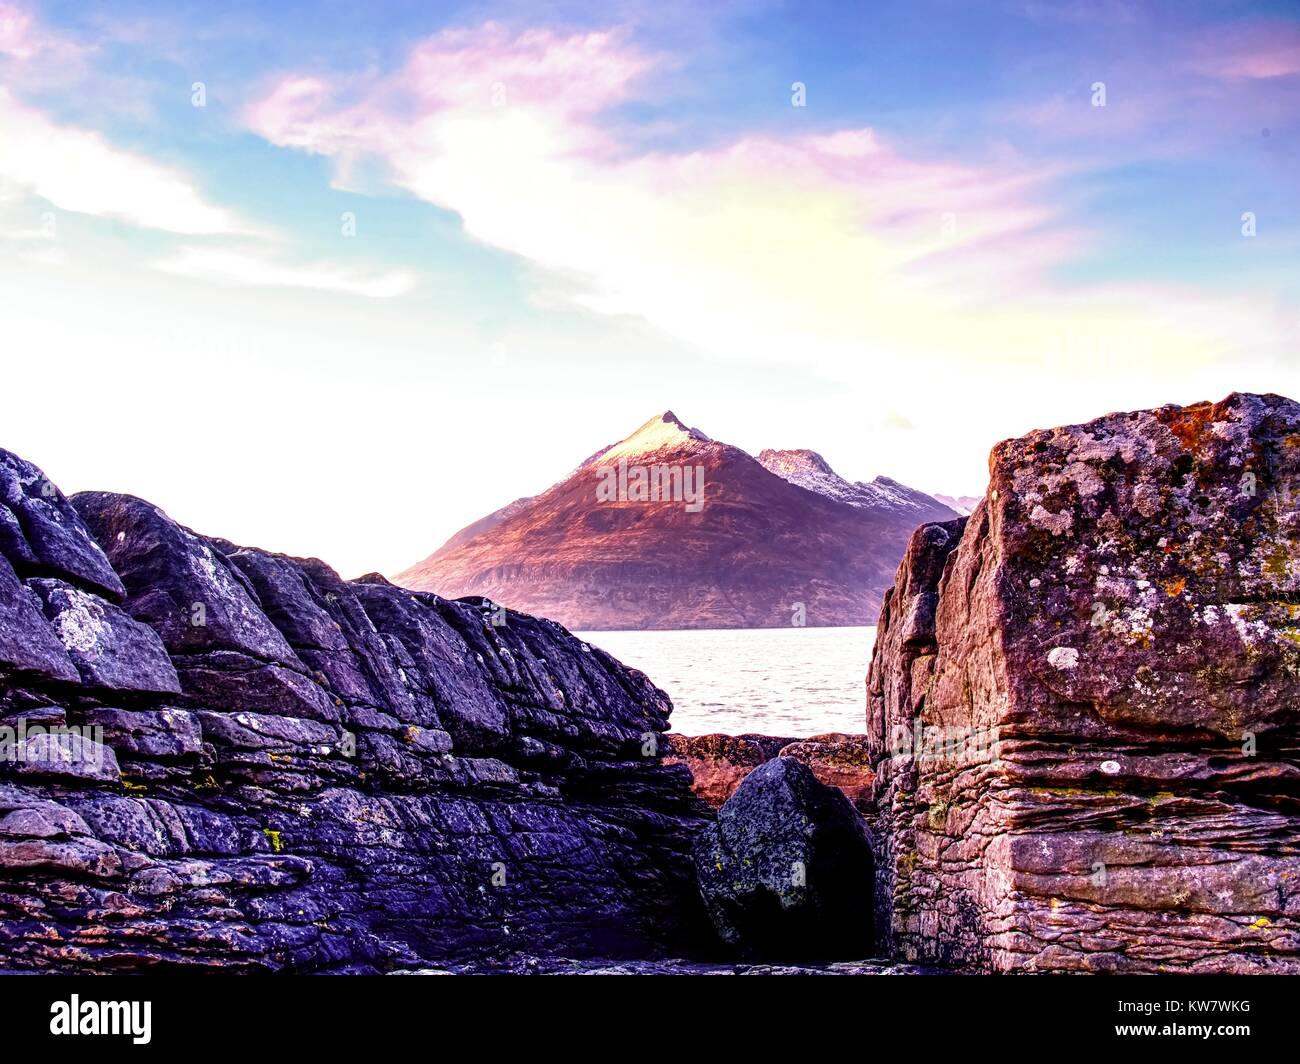 La spiaggia sassosa e scogliera della Baia rocciosa. Toni di blu di febbraio del tramonto, rosa orizzonte. Dark Immagini Stock